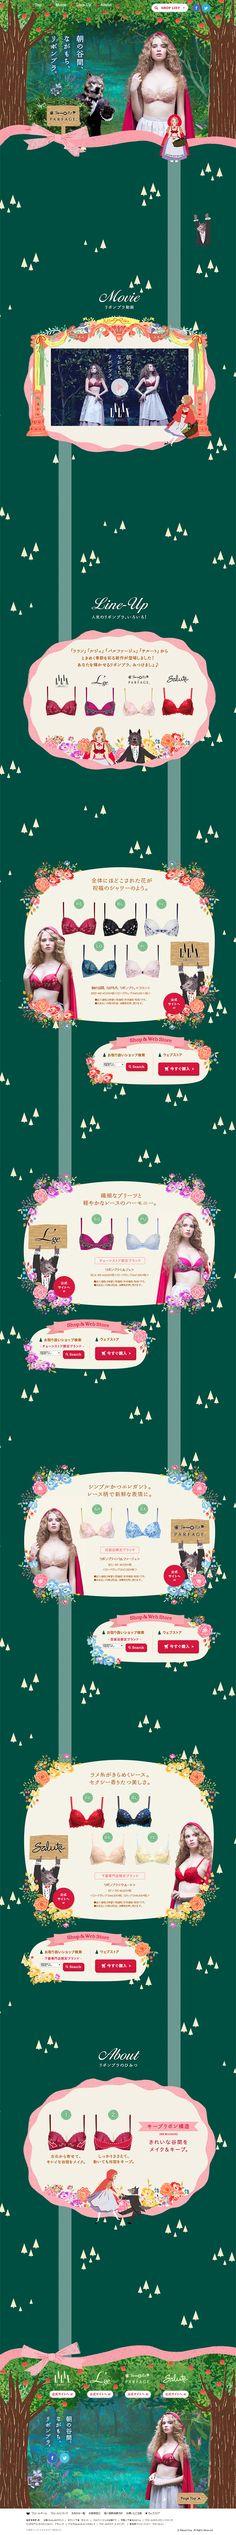 ランディングページ LP リボンブラ|ファッション|自社サイト                                                                                                                                                                                 もっと見る